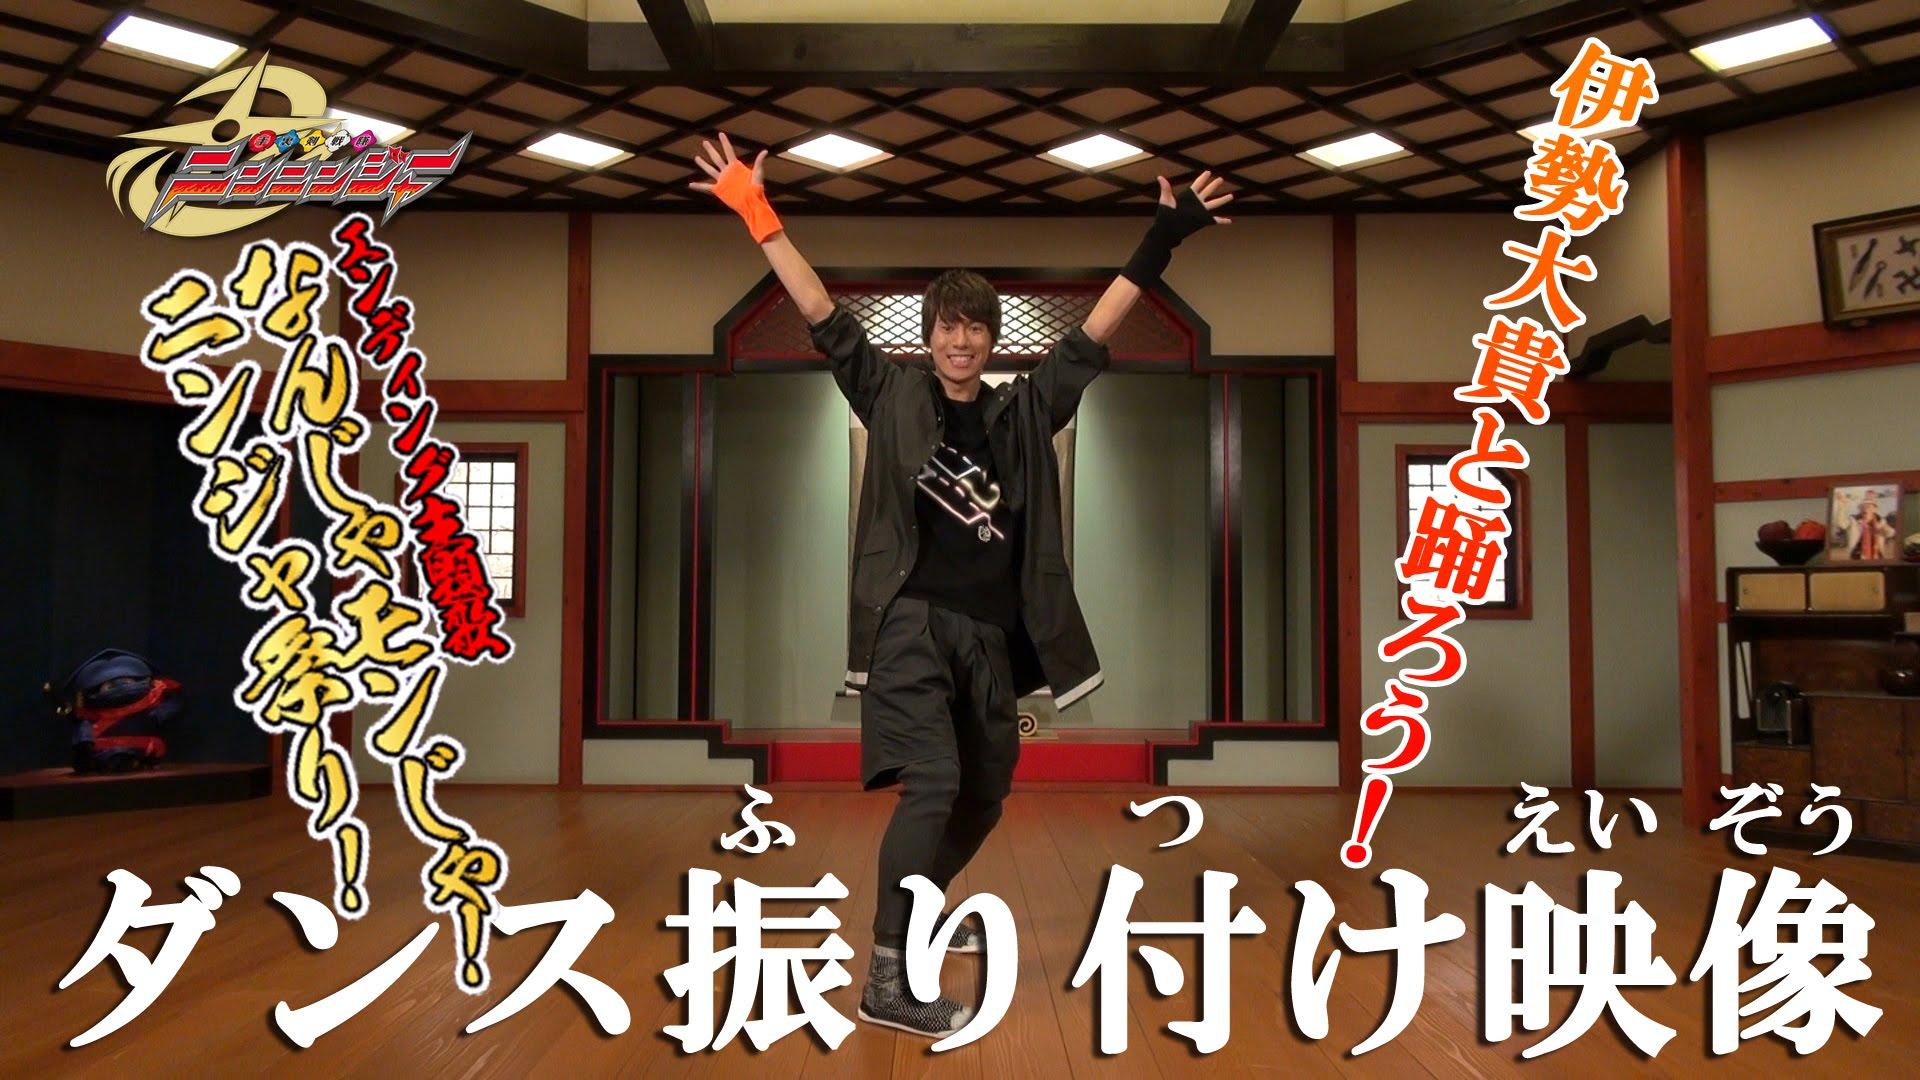 【ニンニンジャー】伊勢大貴さんが歌う『なんじゃモンじゃ!ニンジャ祭り!』の公式動画公開!みんなでニンニンジャーと踊ろう!